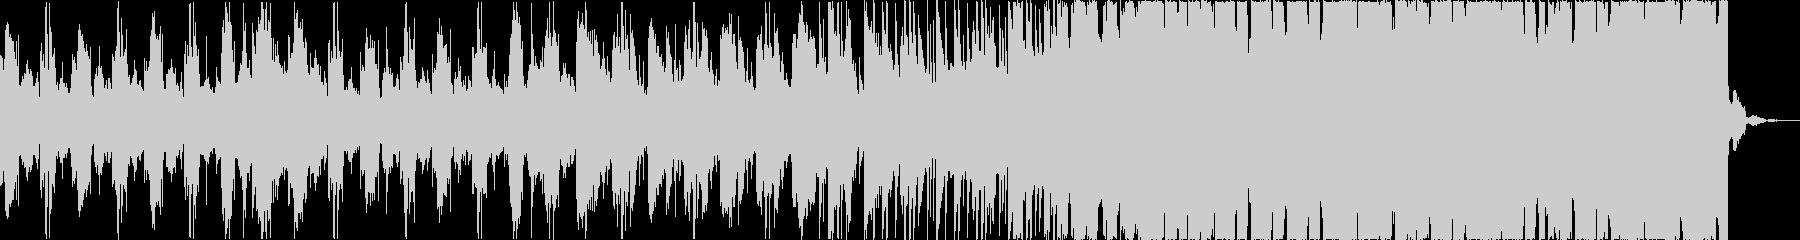 チルアウトクールなトロピカルハウスbの未再生の波形